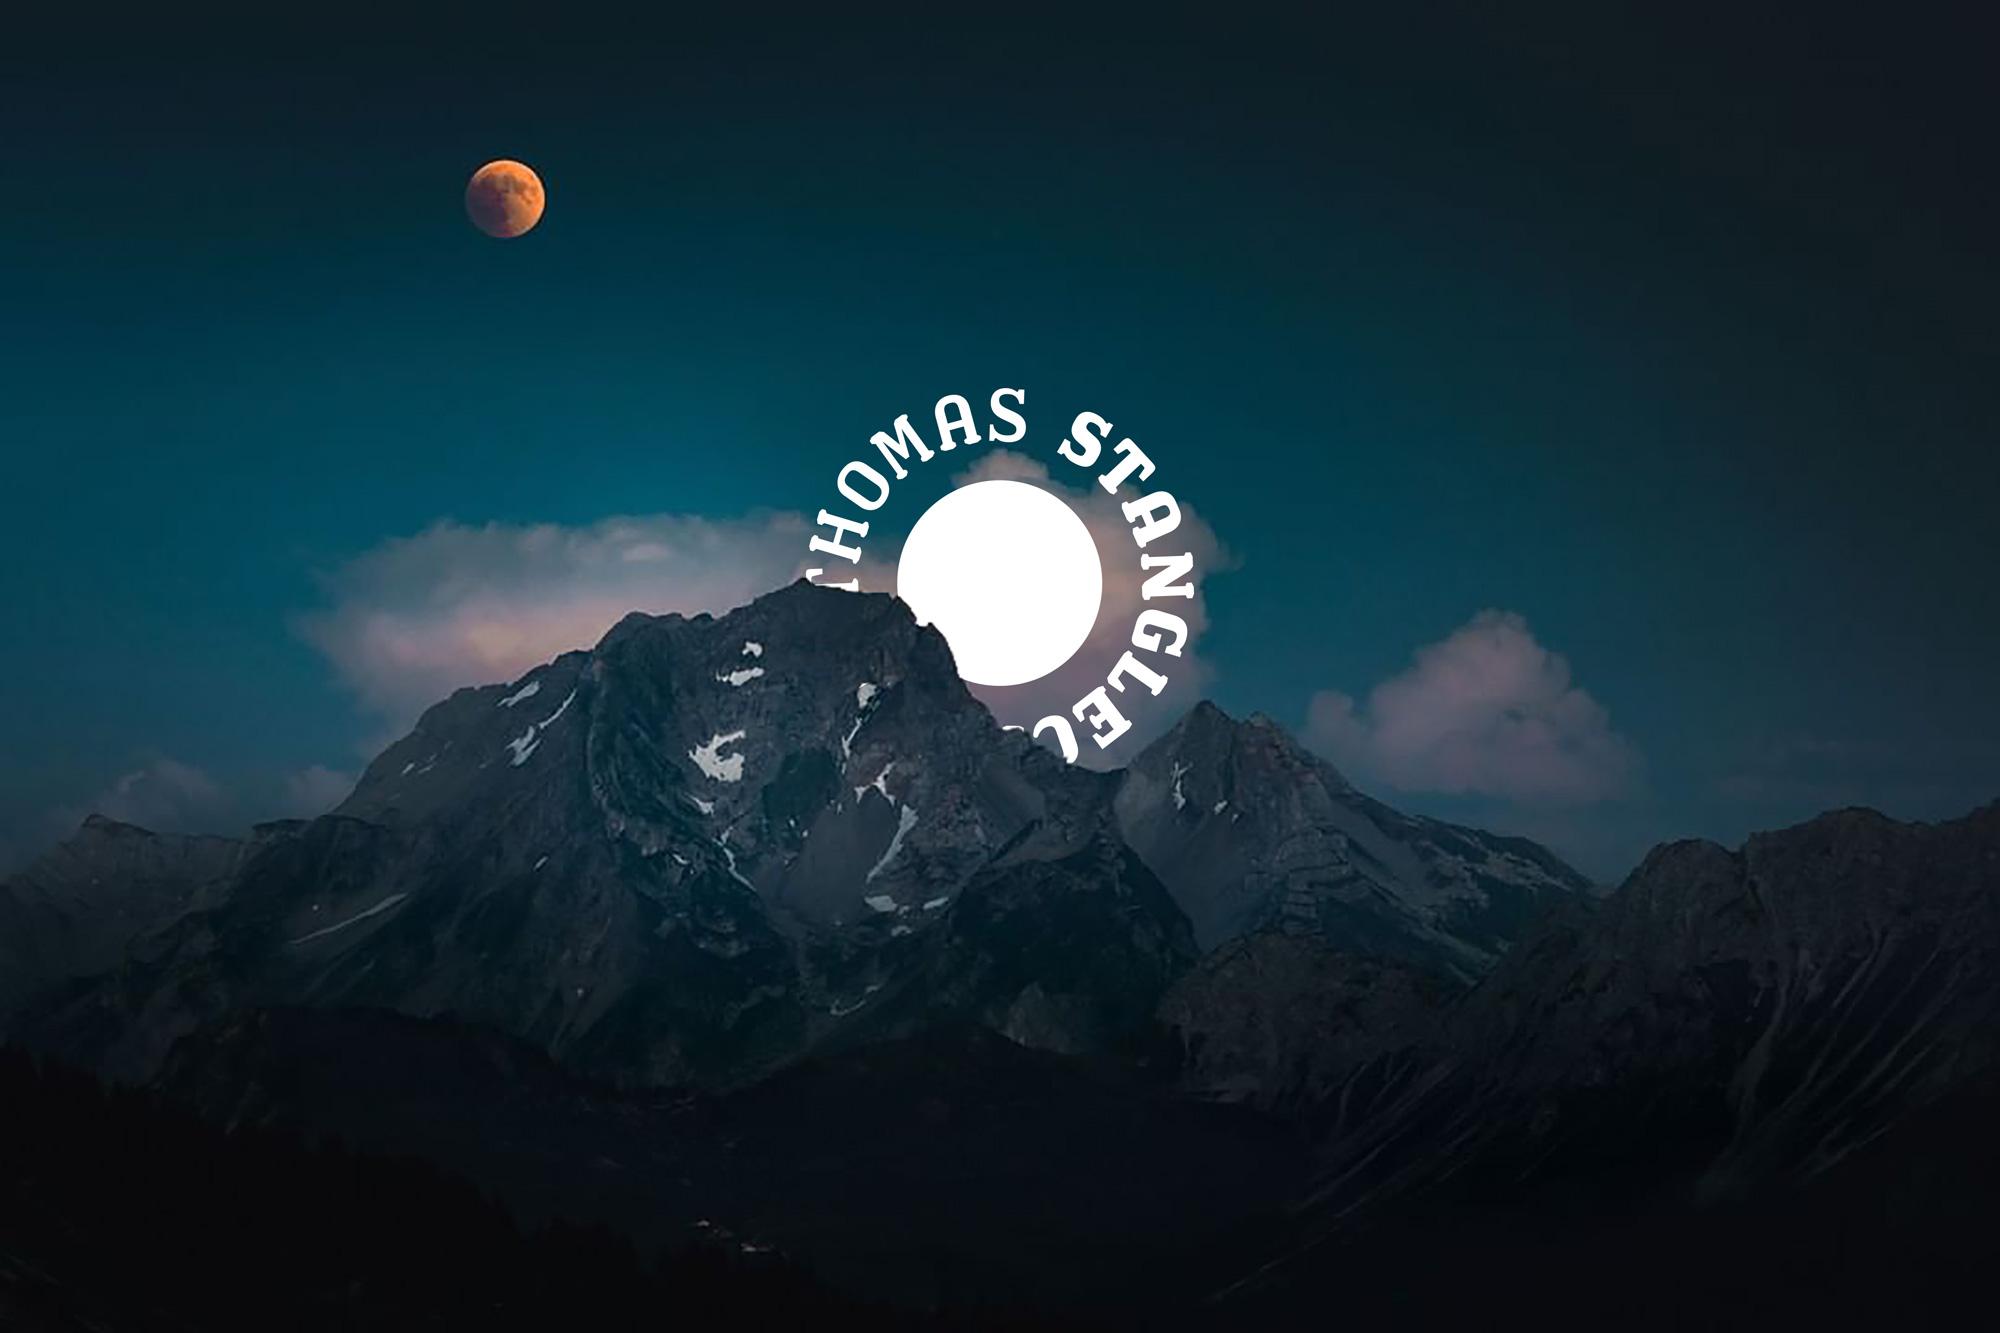 Blutmond Nachthimmel und Berge von Stanglechner Thomas. Logo und Grafikdesign von Simone Angerer.